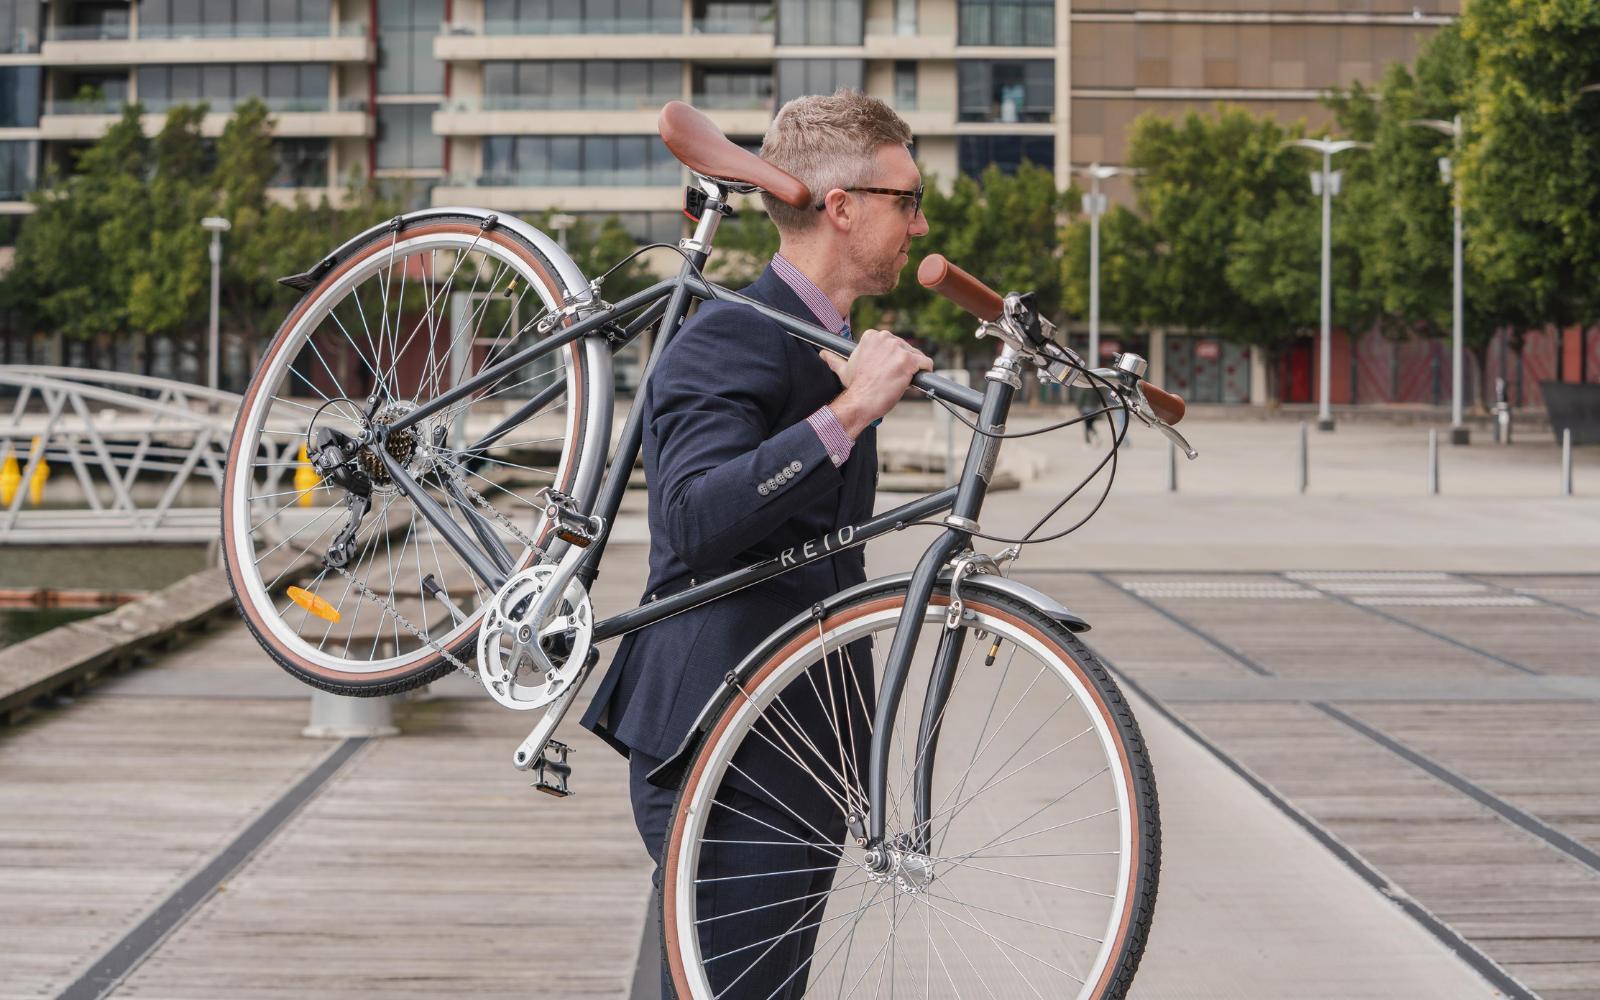 33 8 - Reid ® - Gents Roller Bike